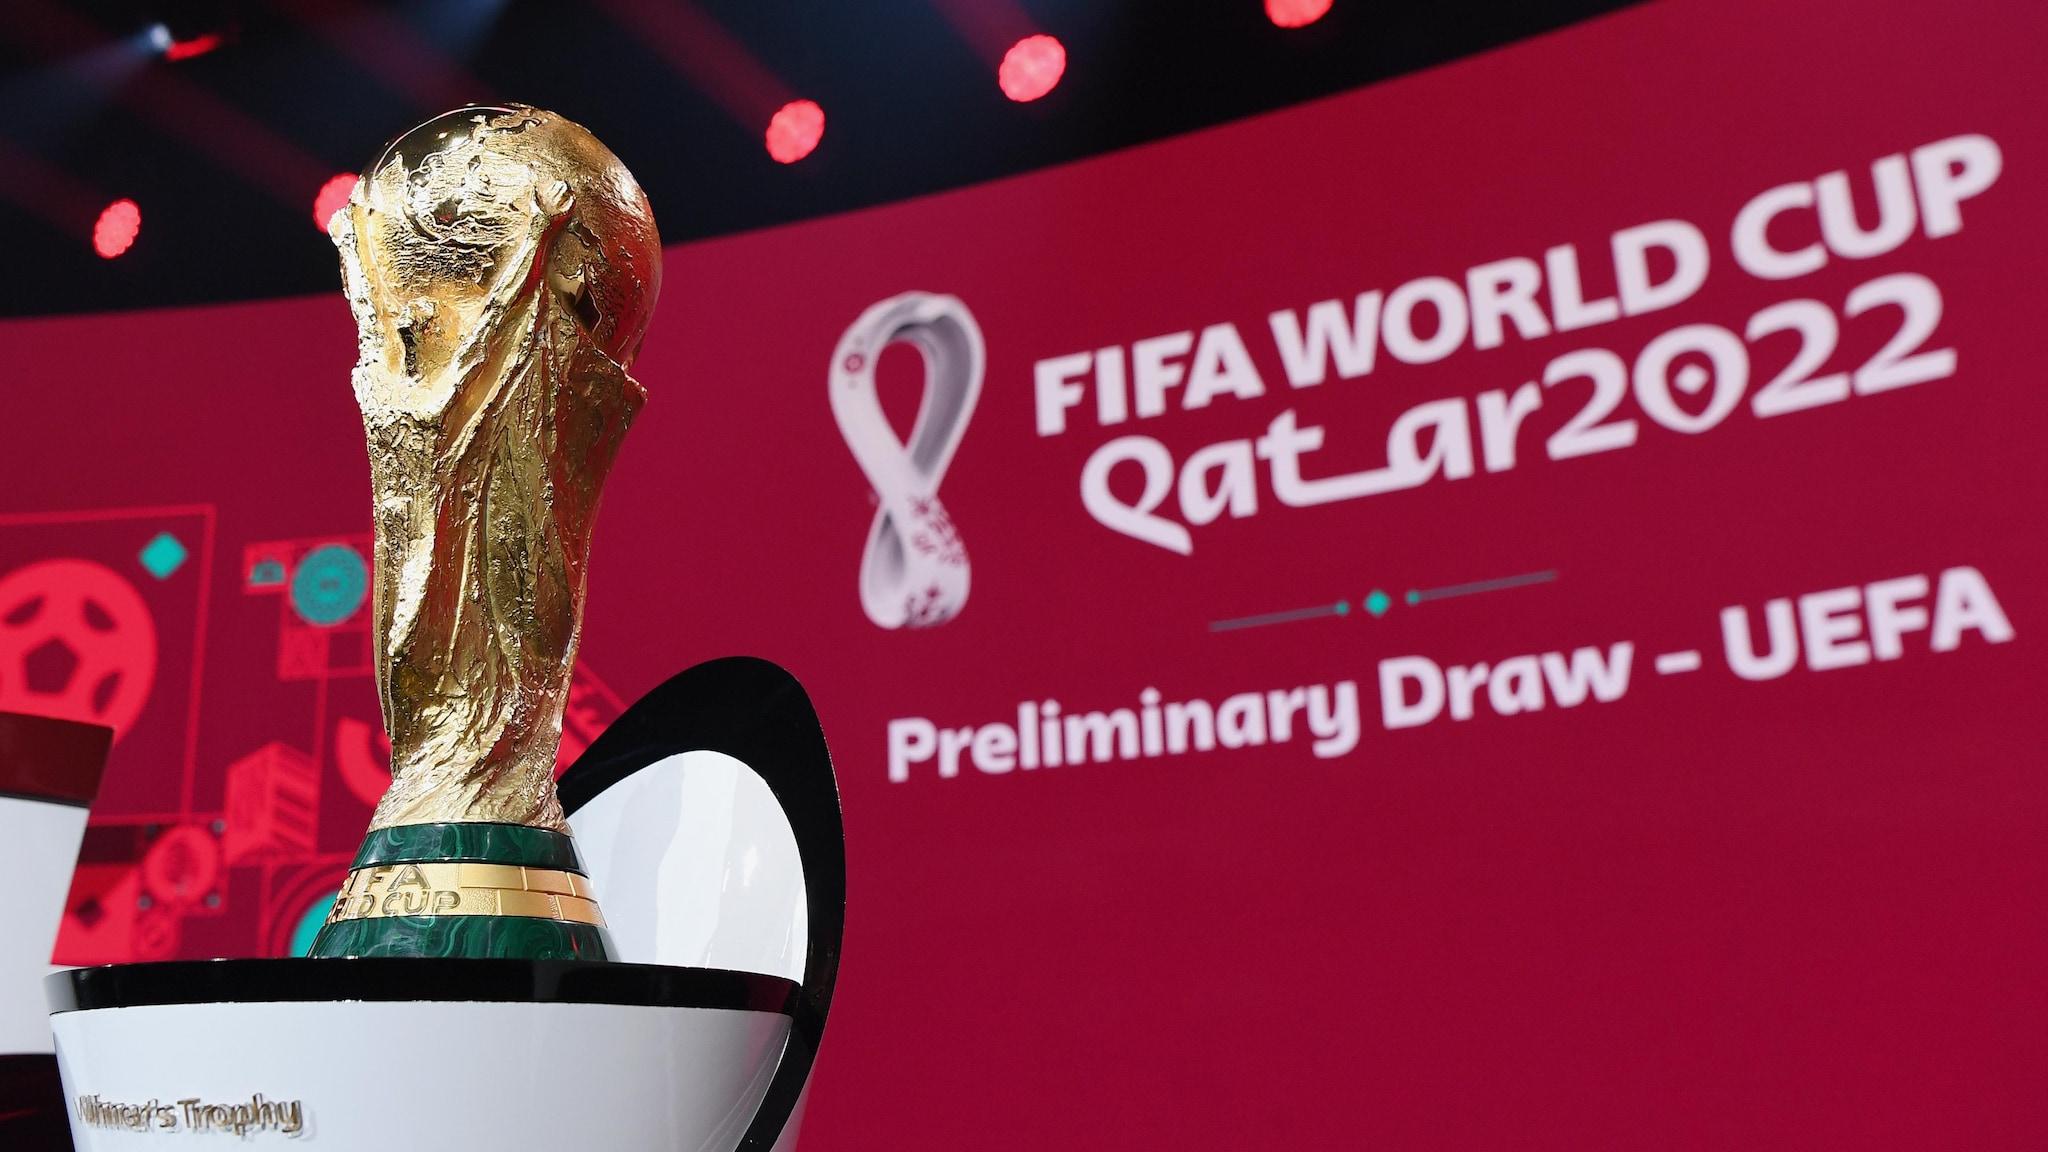 أبرز مباريات اليوم في تصفيات كأس العالم 2022 لقارة أوروبا